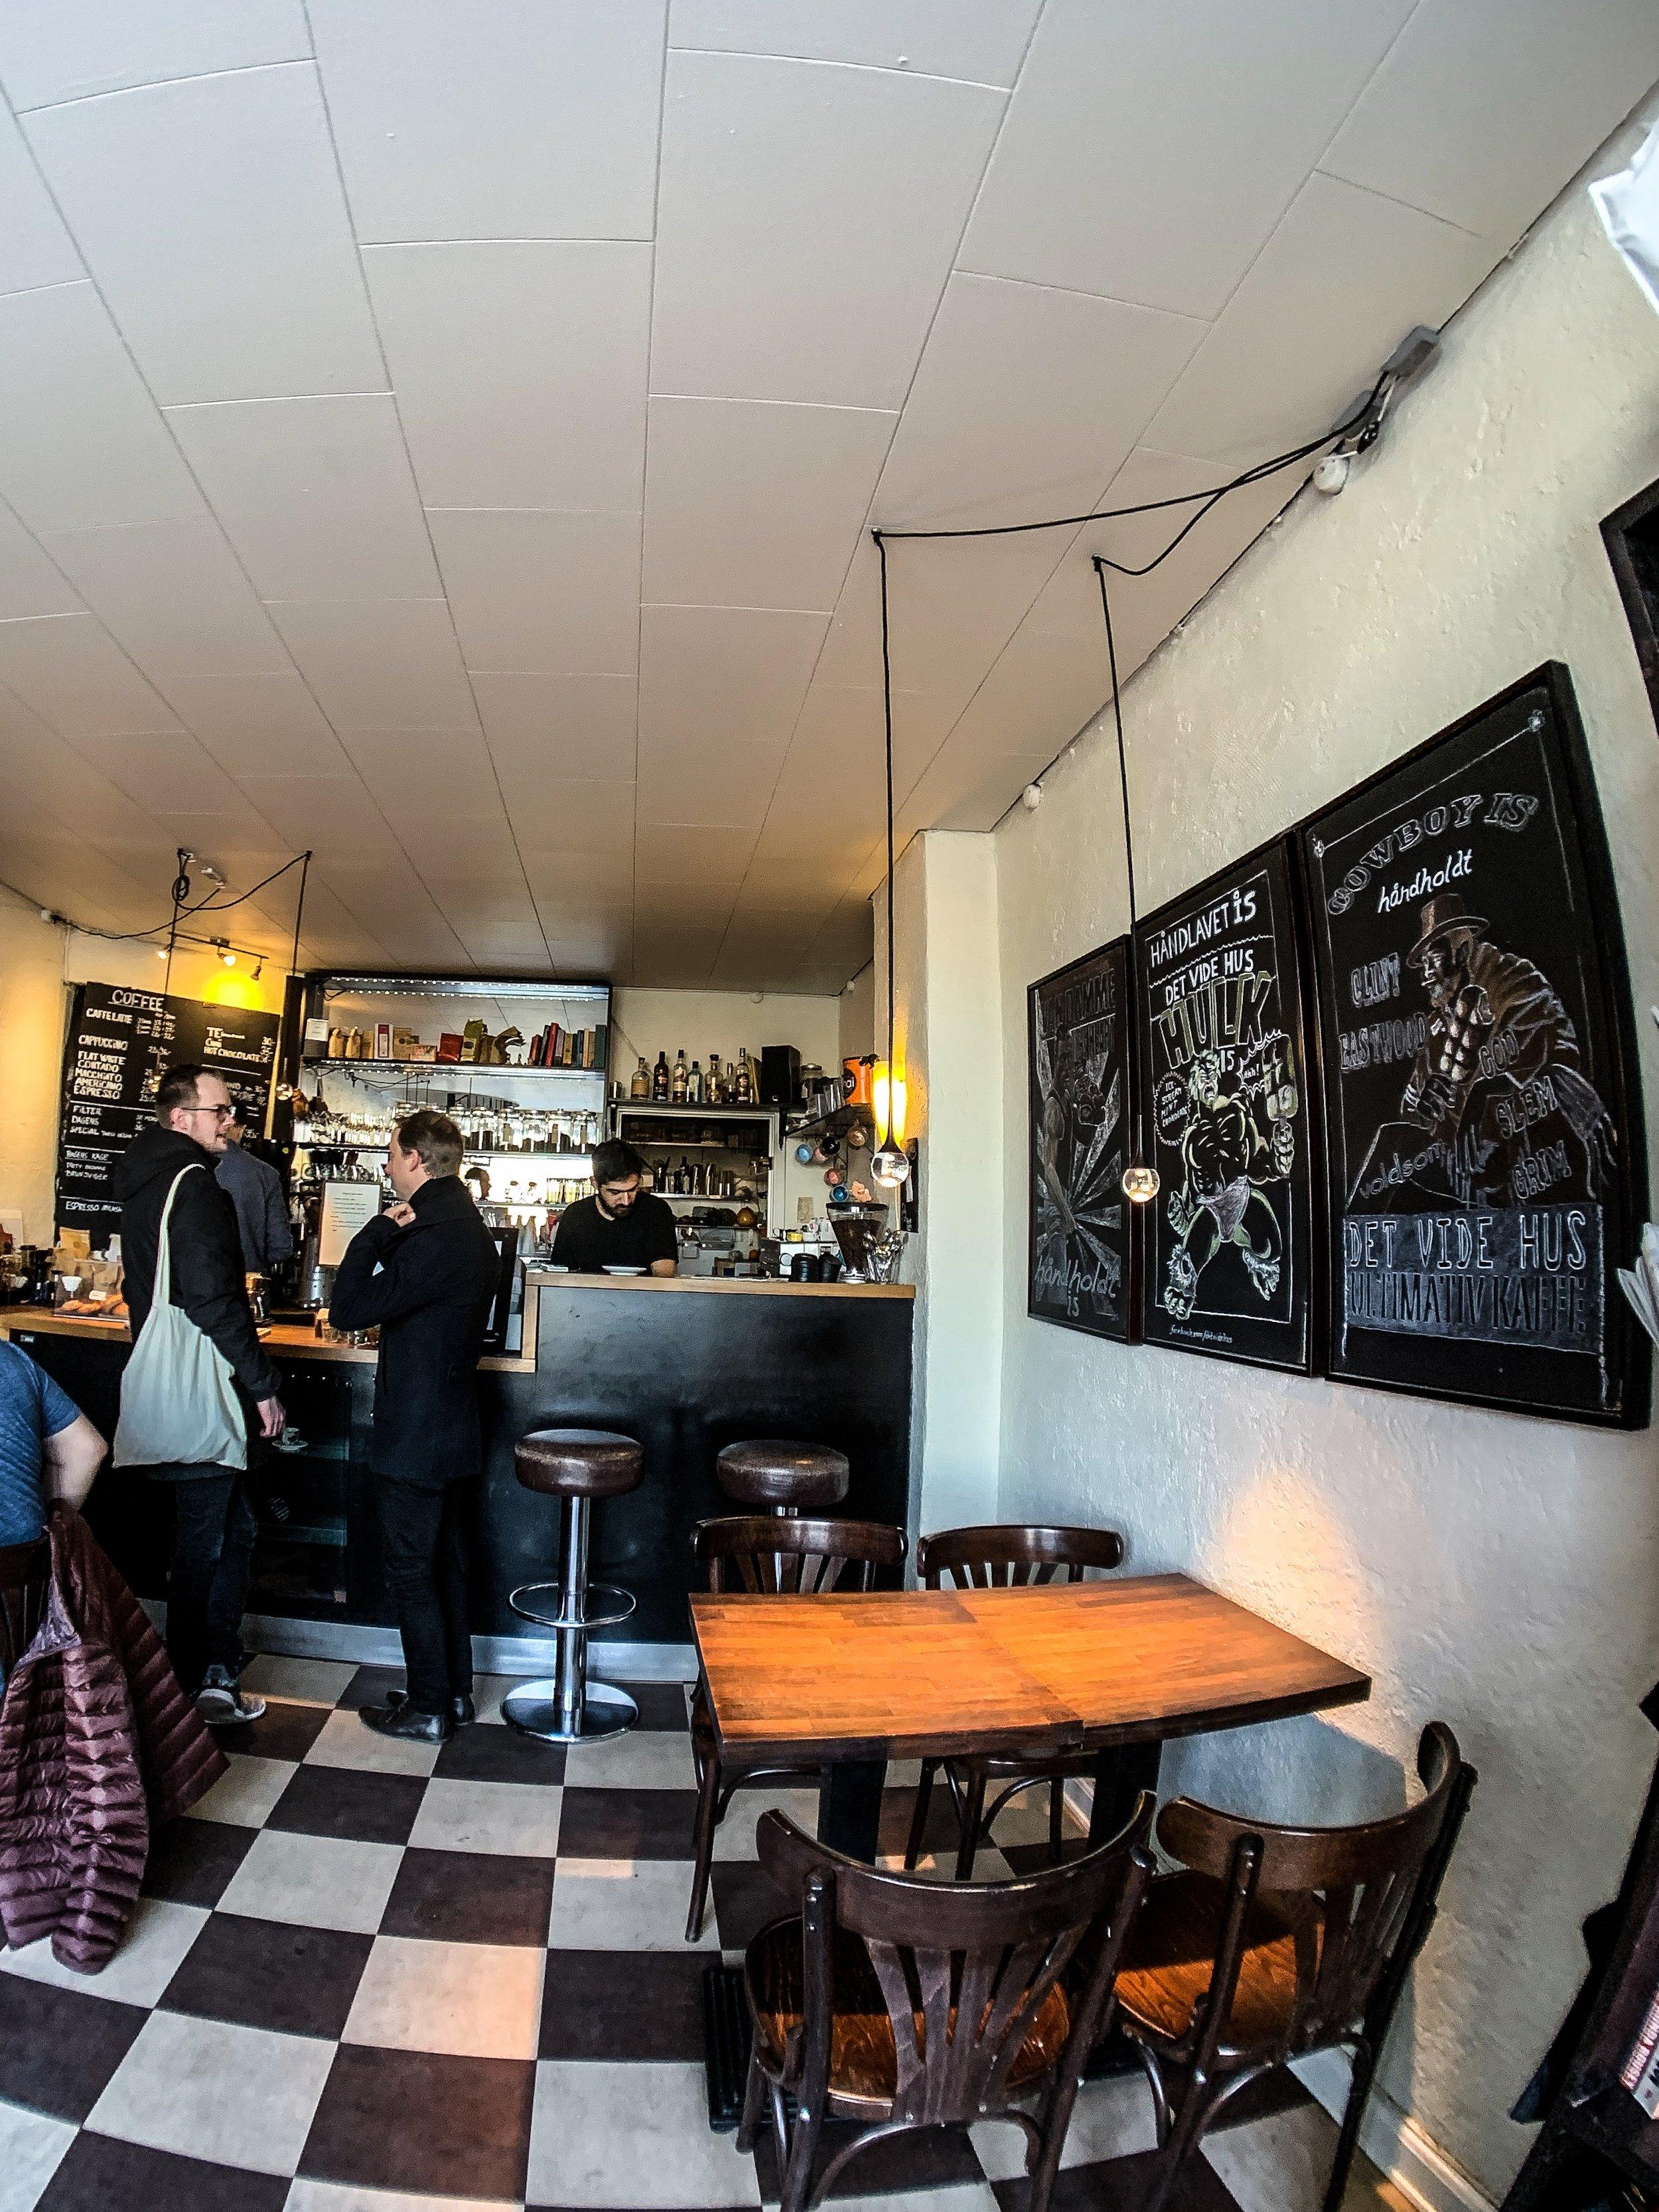 Café Det Vide Hus